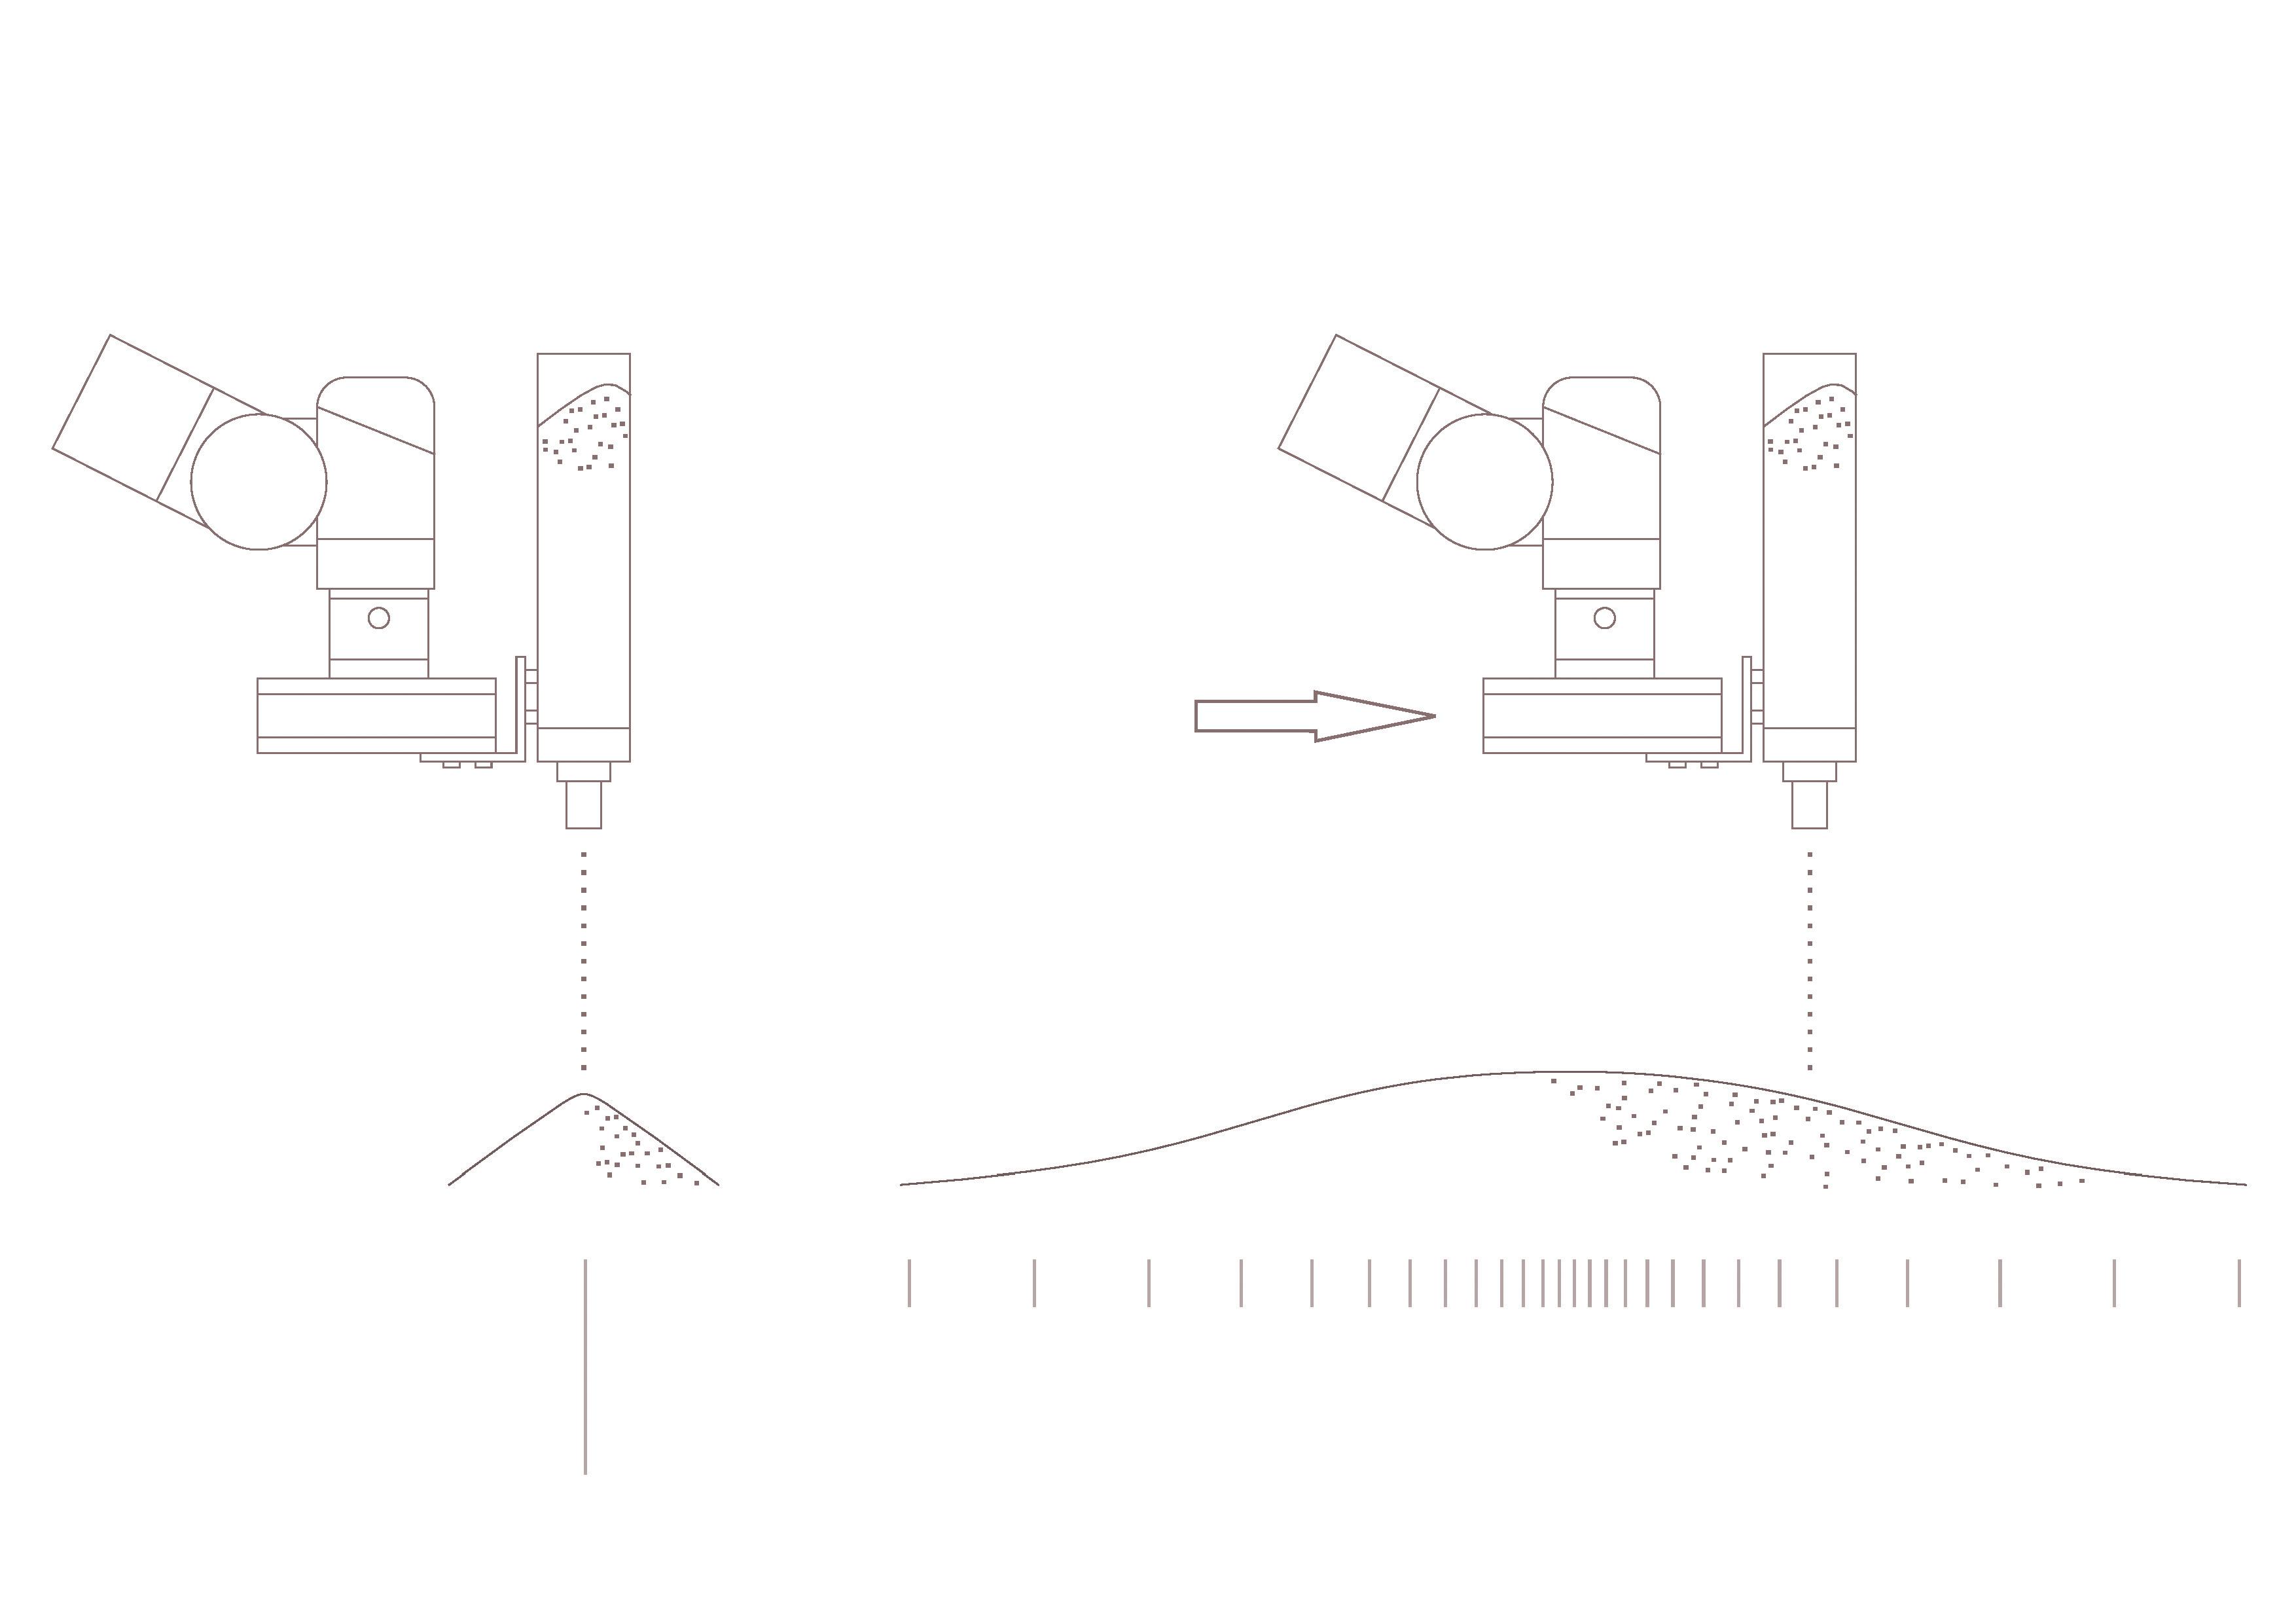 diagrams_Page_07